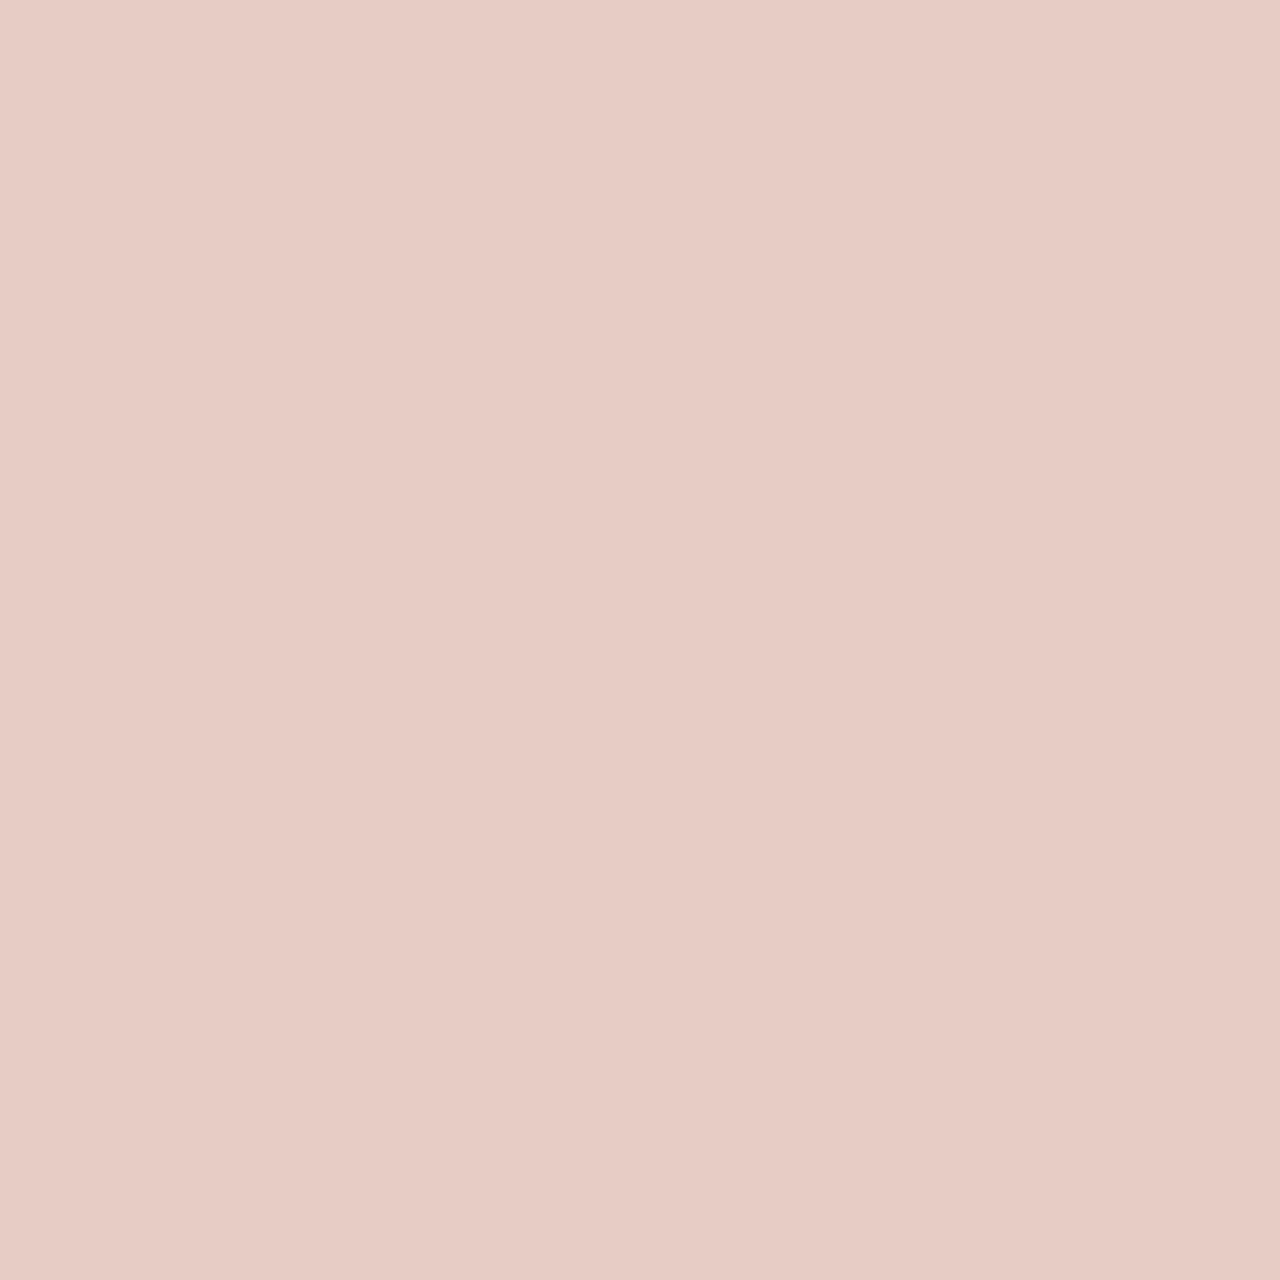 Warm Pink Paint Colors